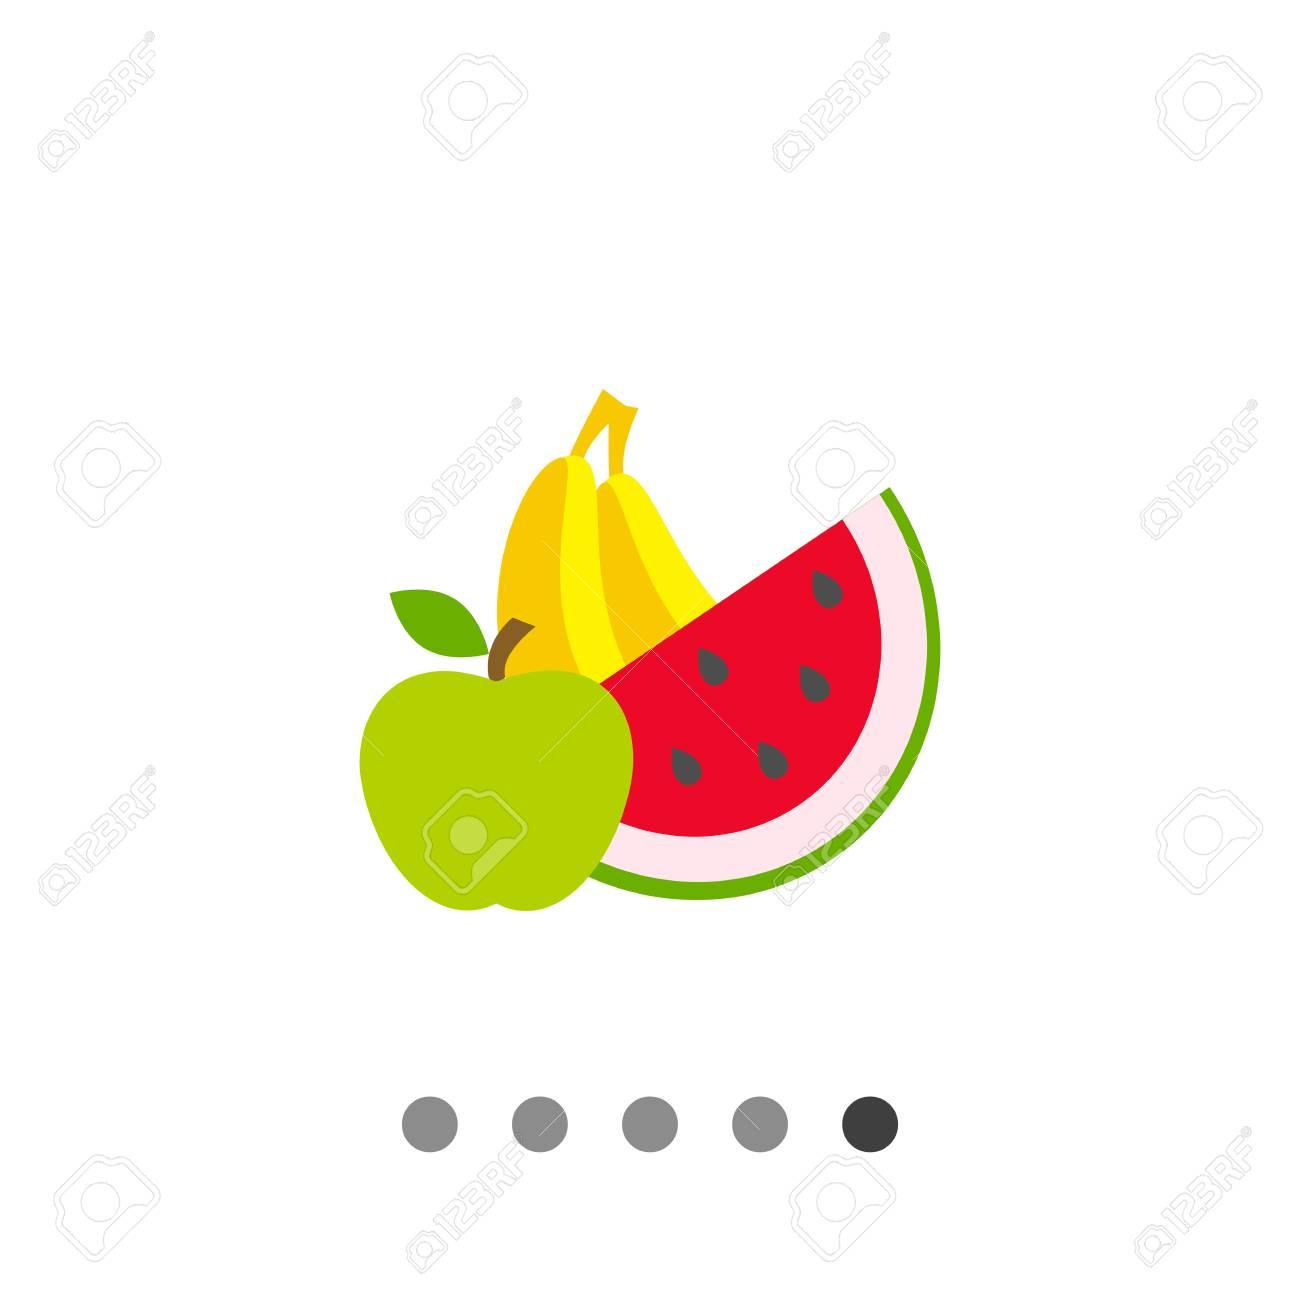 Melon Slice Cliparts - Cliparts Zone